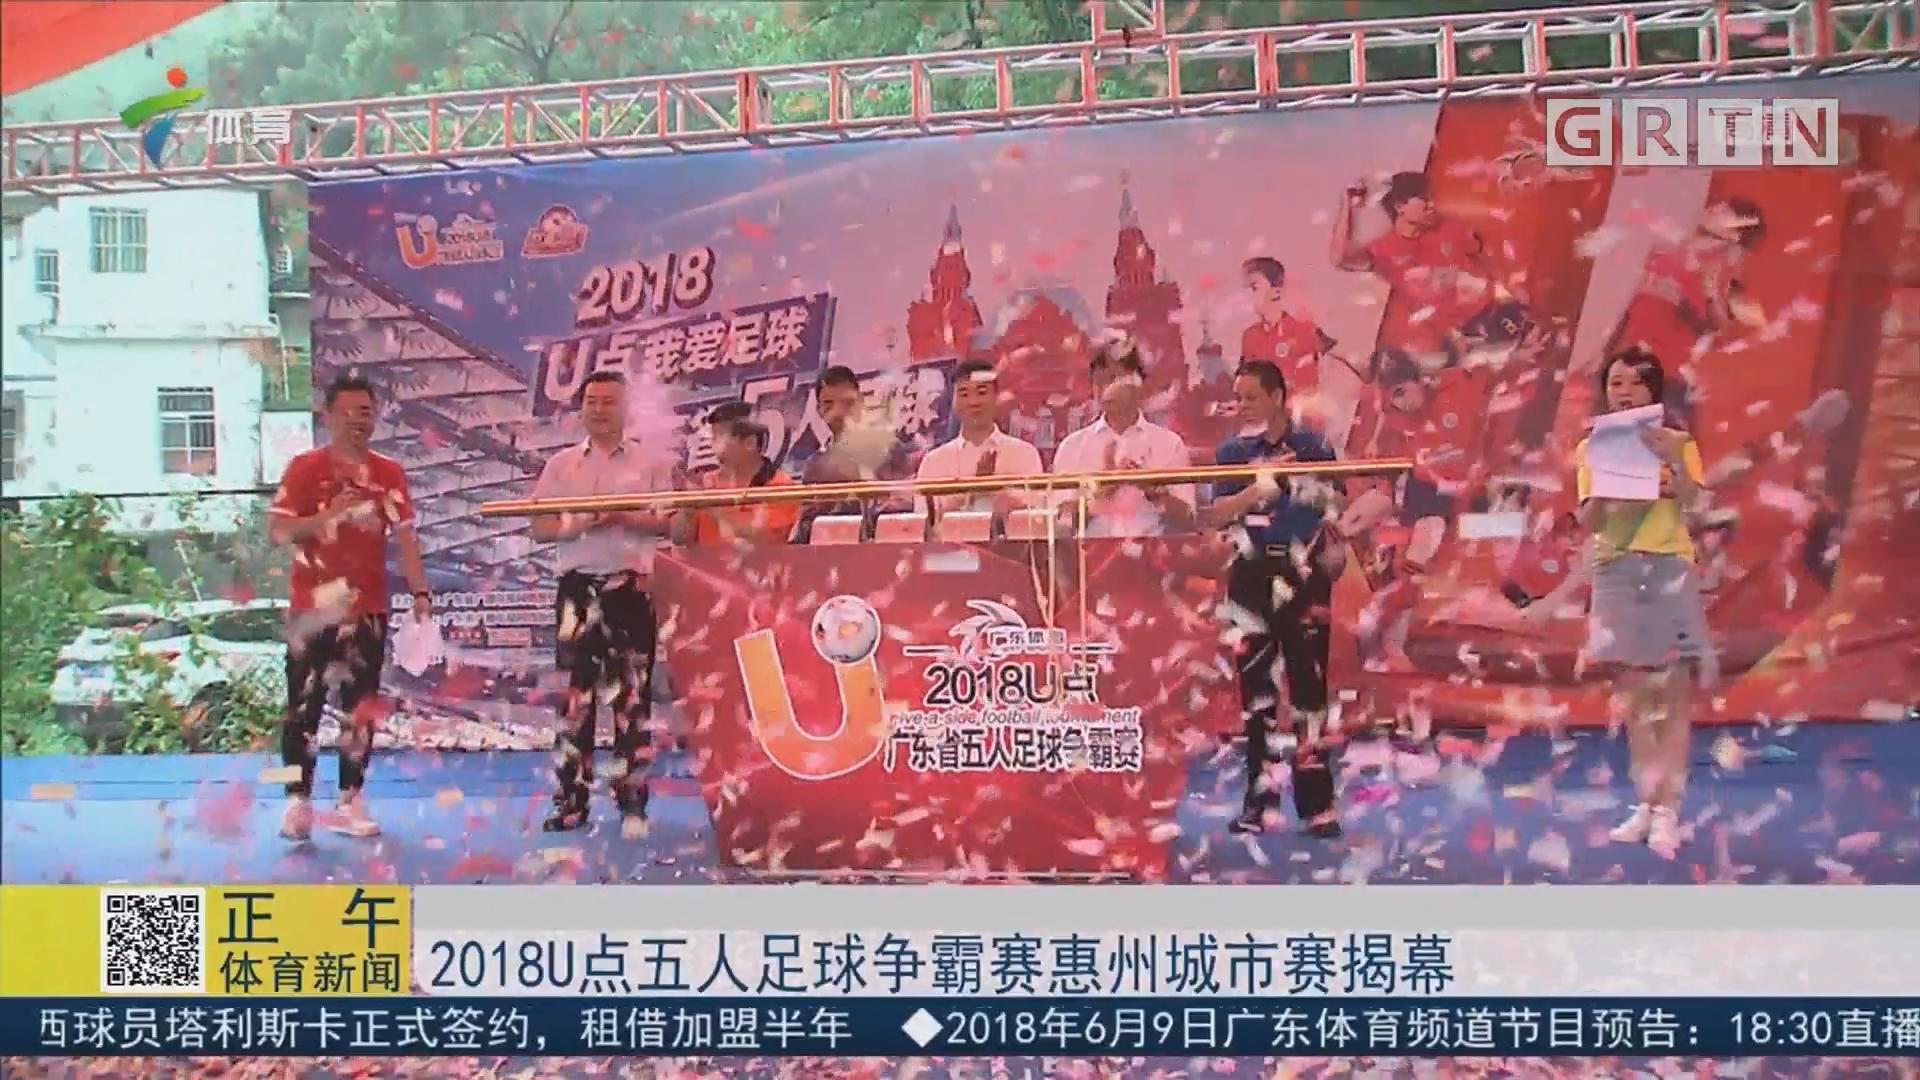 2018U点五人足球争霸赛惠州城市赛揭幕